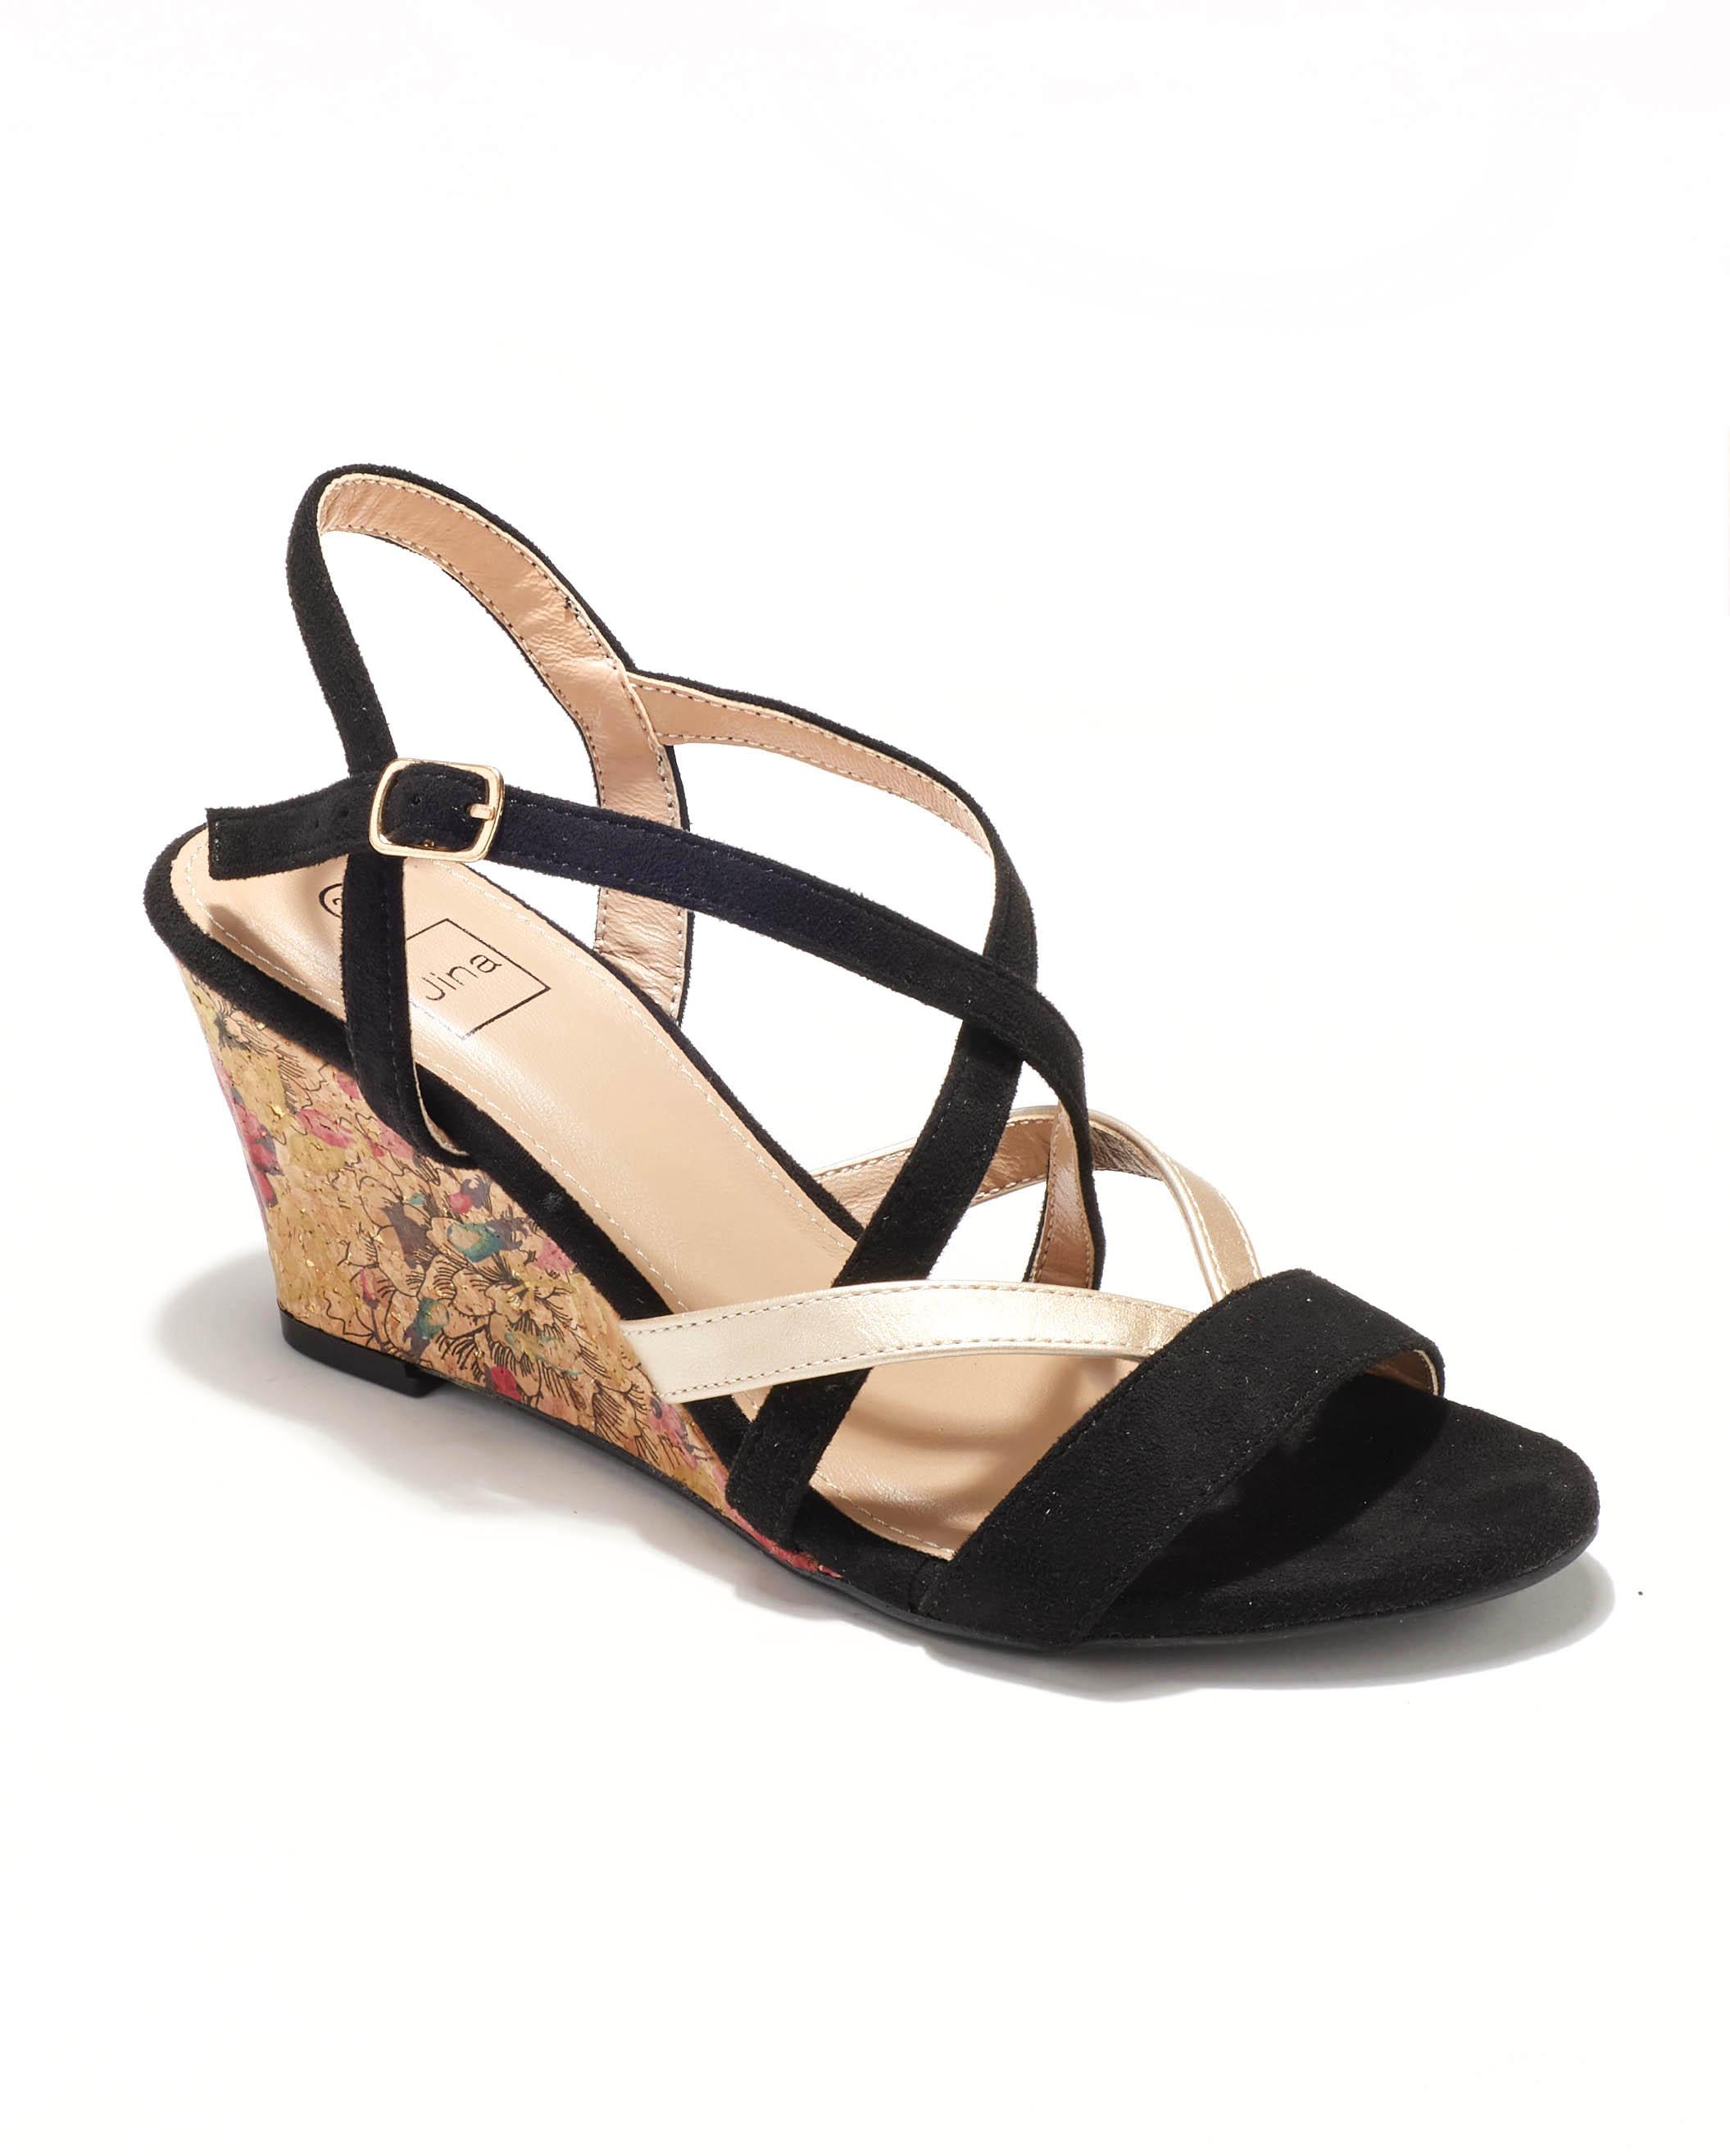 Sandales Compensées Femme - Sandale Talon Compensee Noir Jina - Sc15s-10